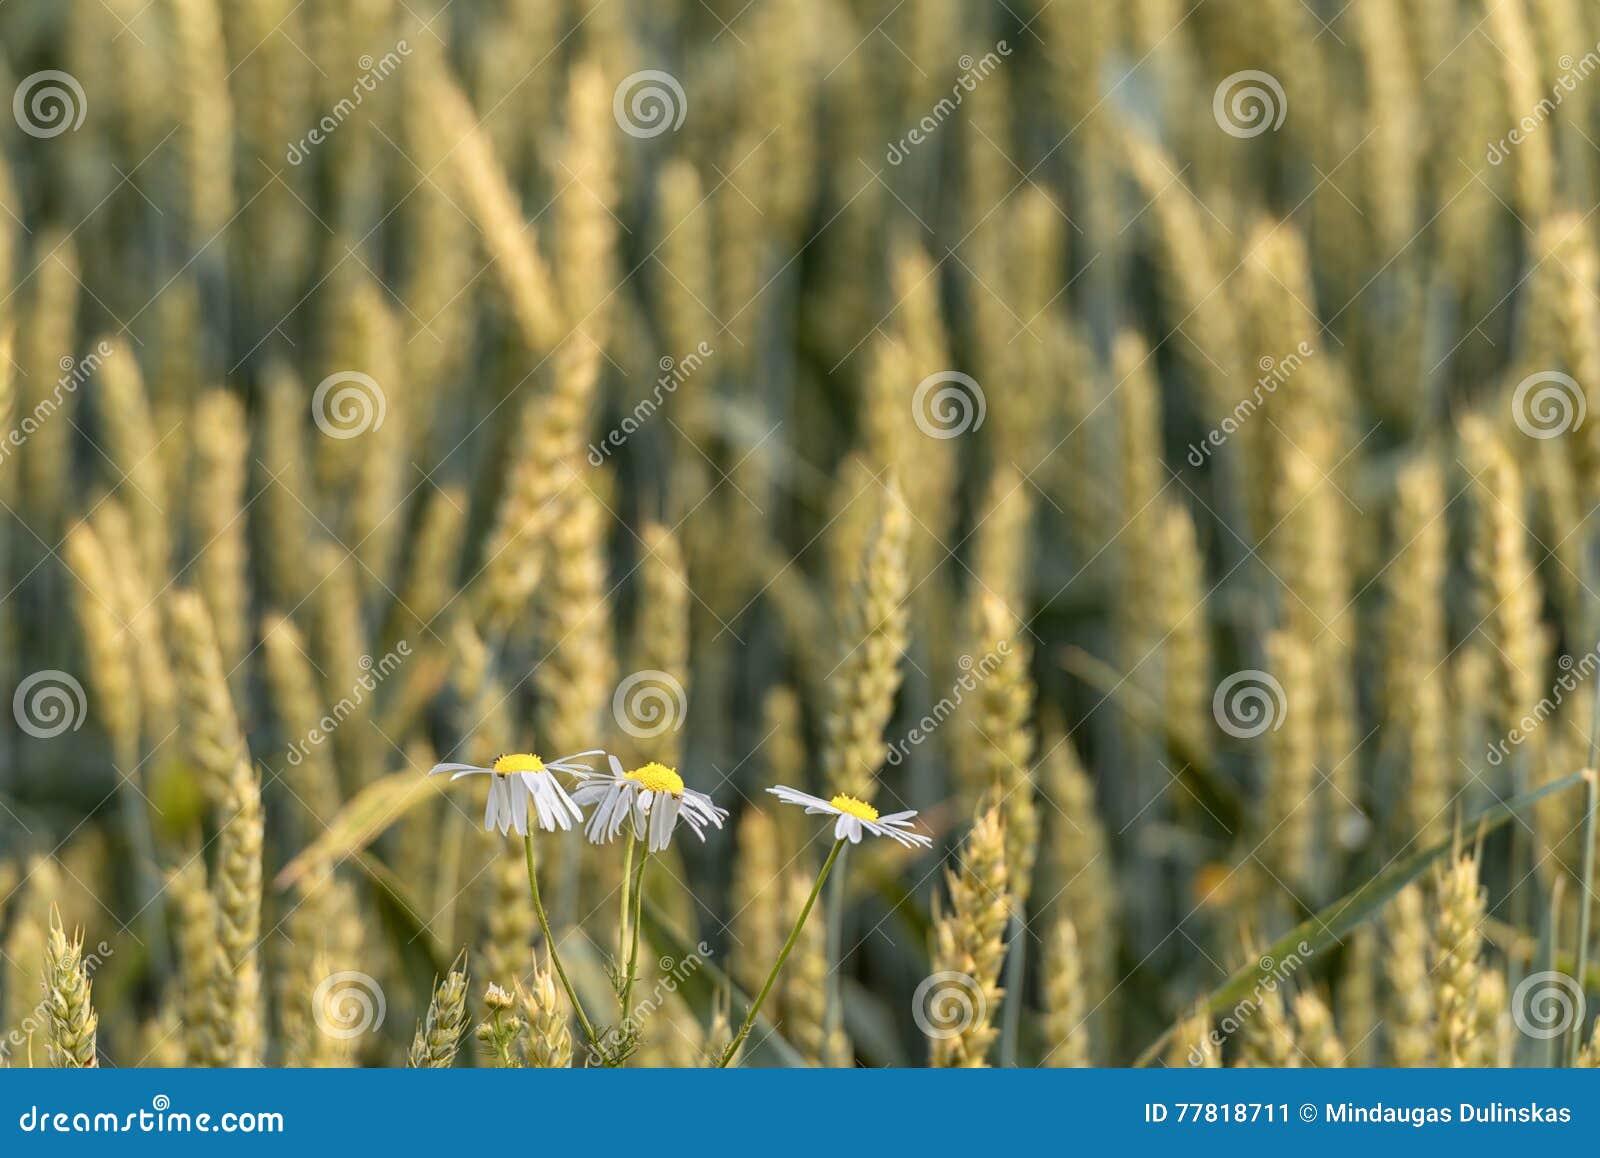 Le camomille nel campo di grano